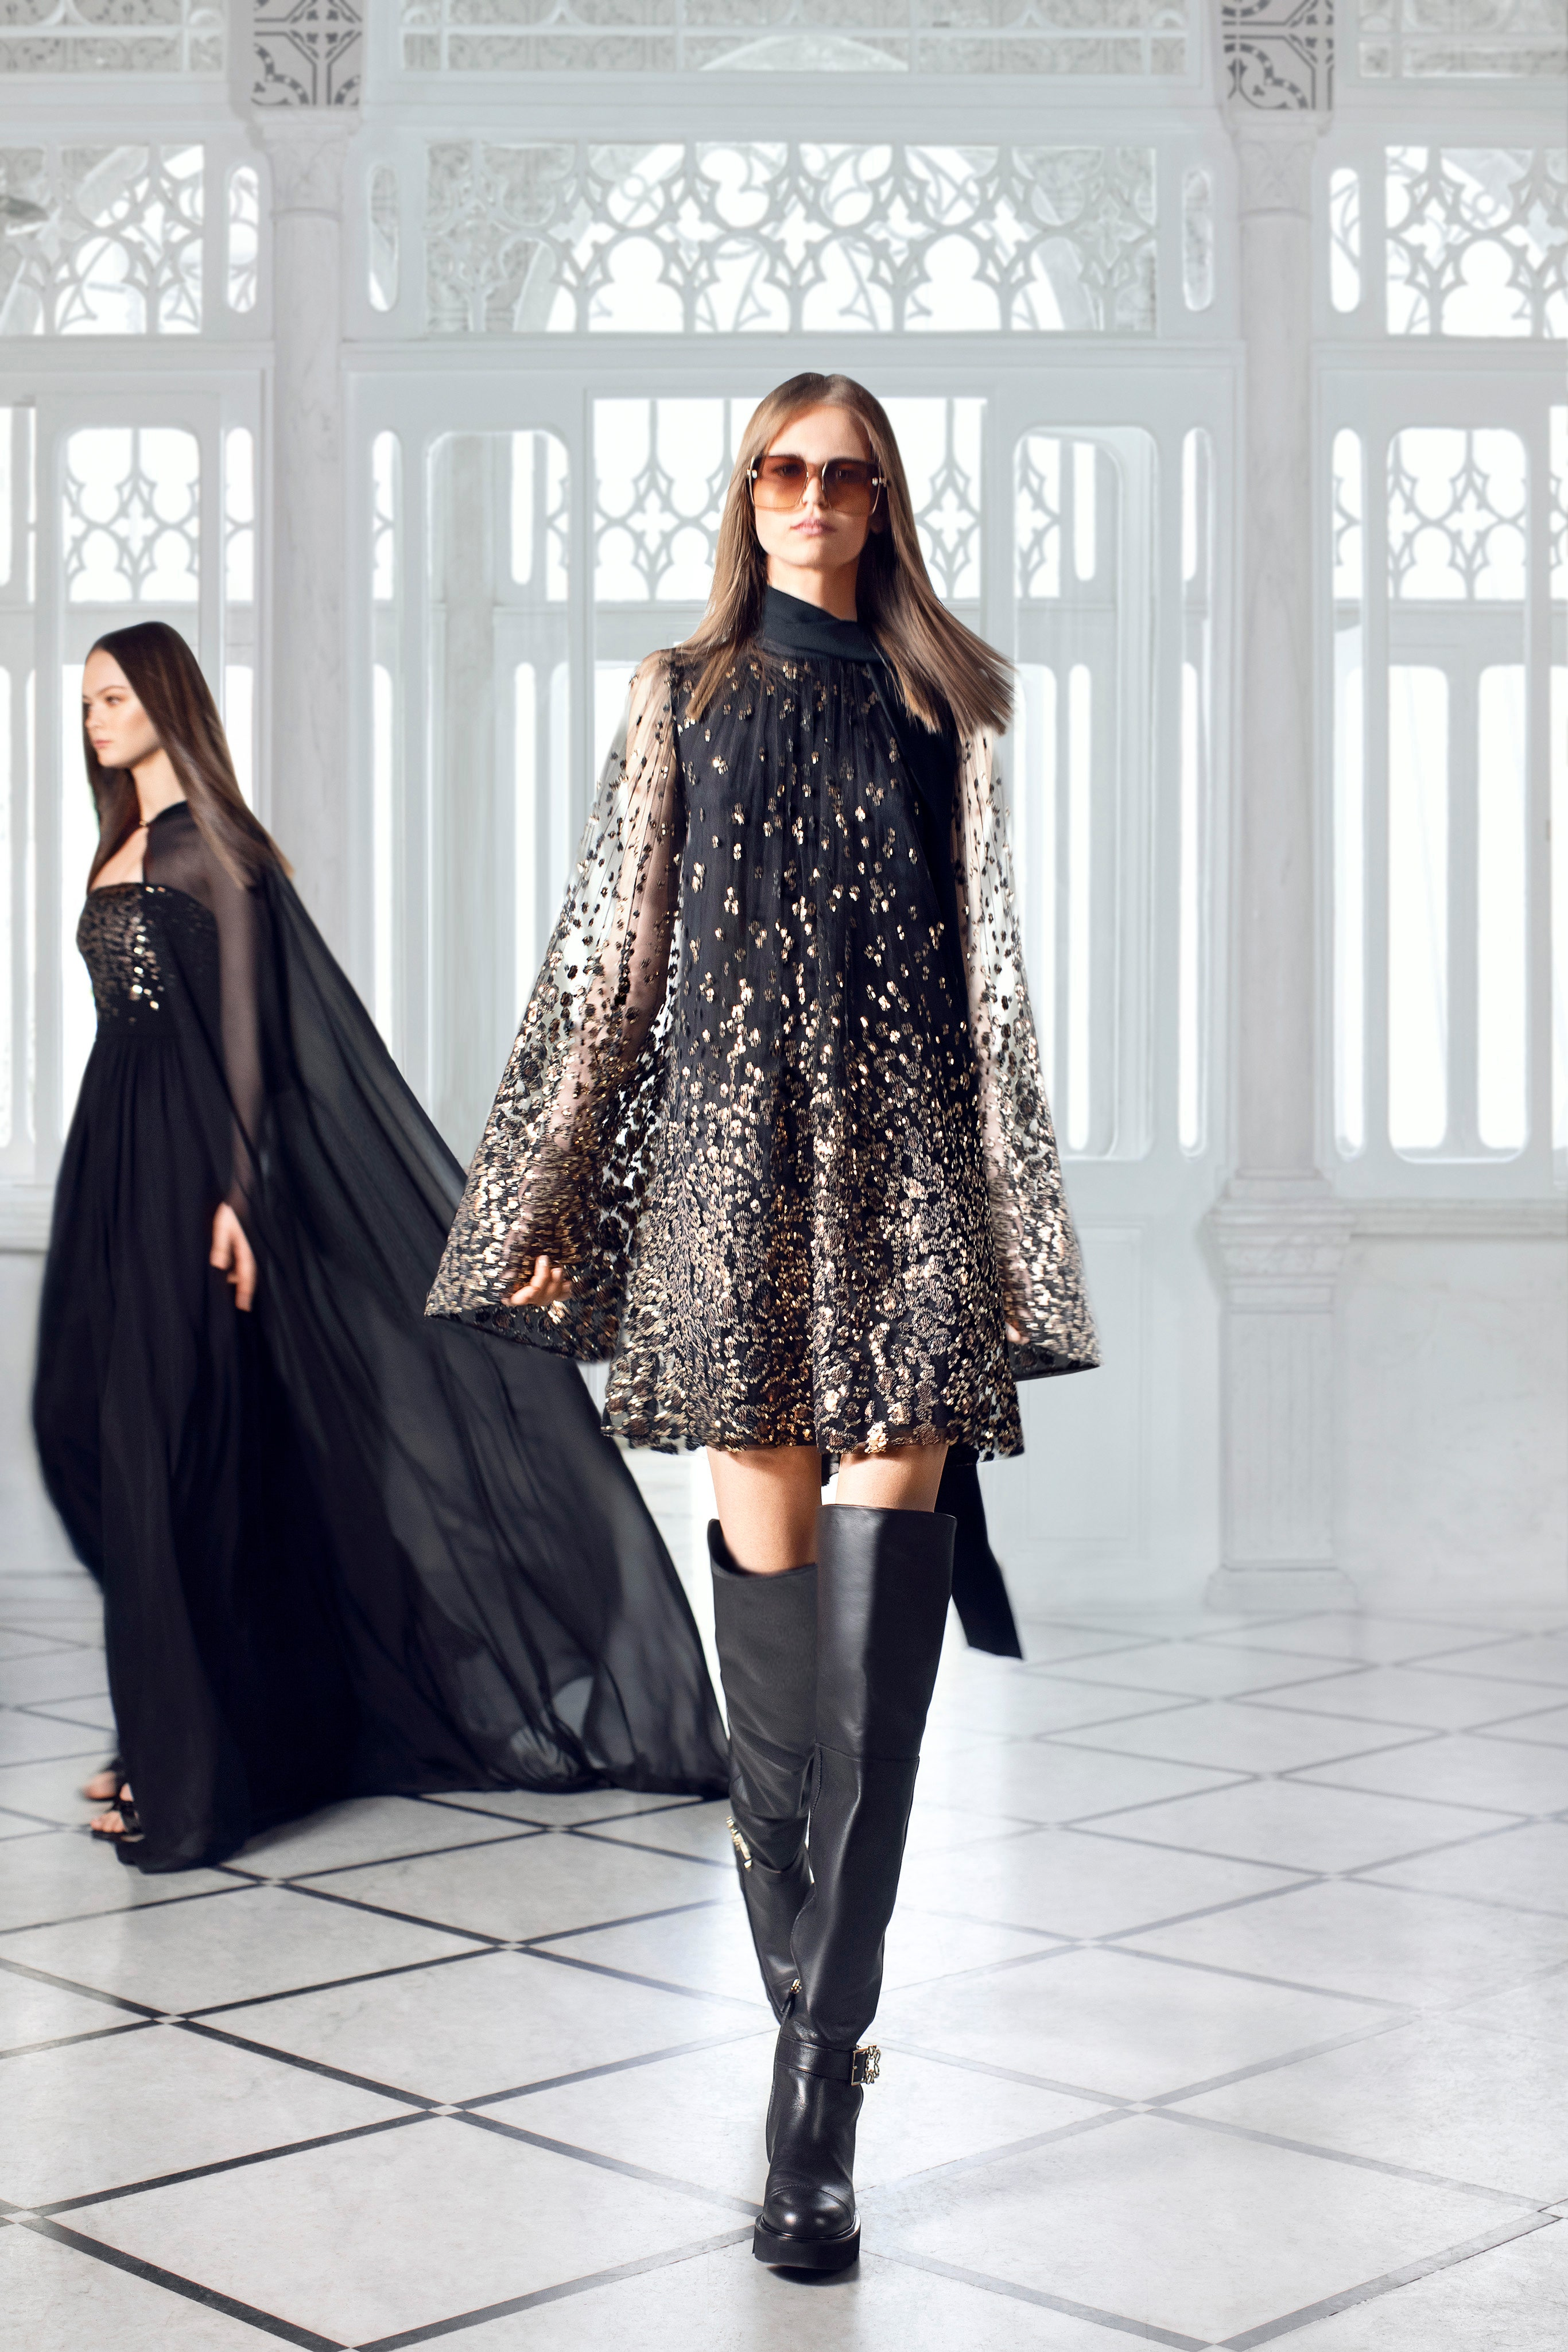 الفساتين بالقصة الواسعة